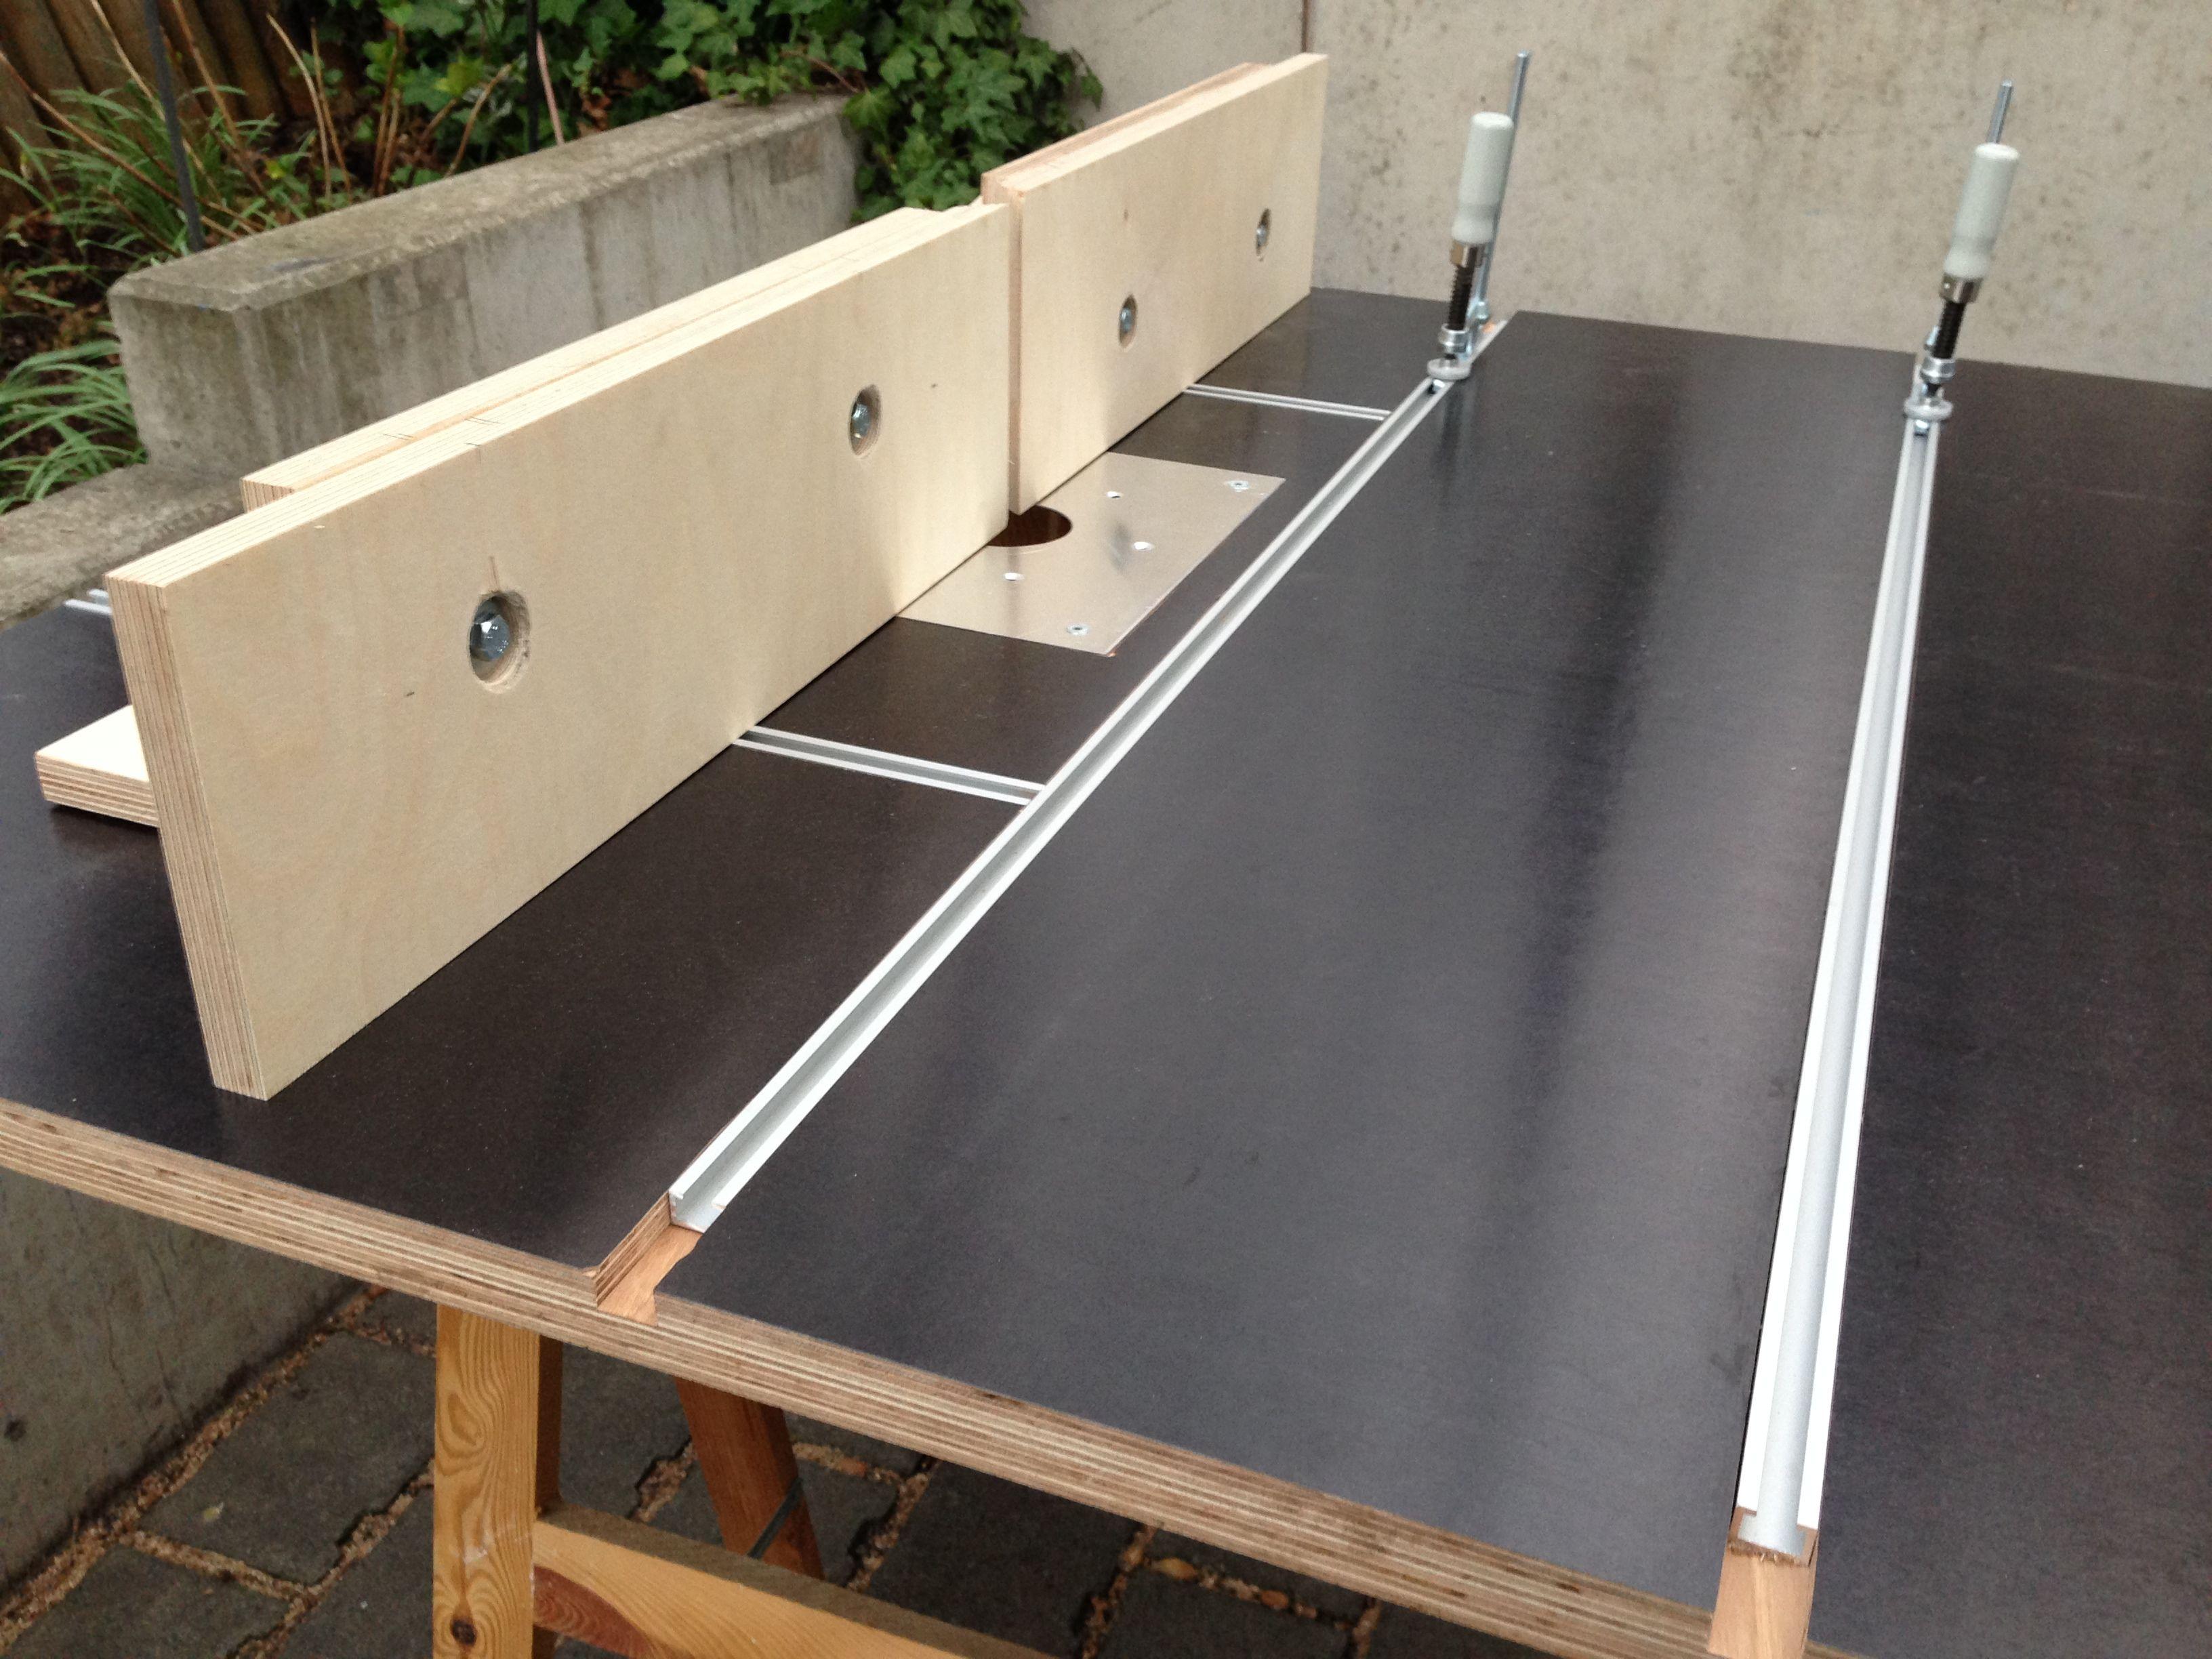 Frstisch platte fr frstisch pinterest frstisch platte fr frstisch router tablewoodworking greentooth Choice Image